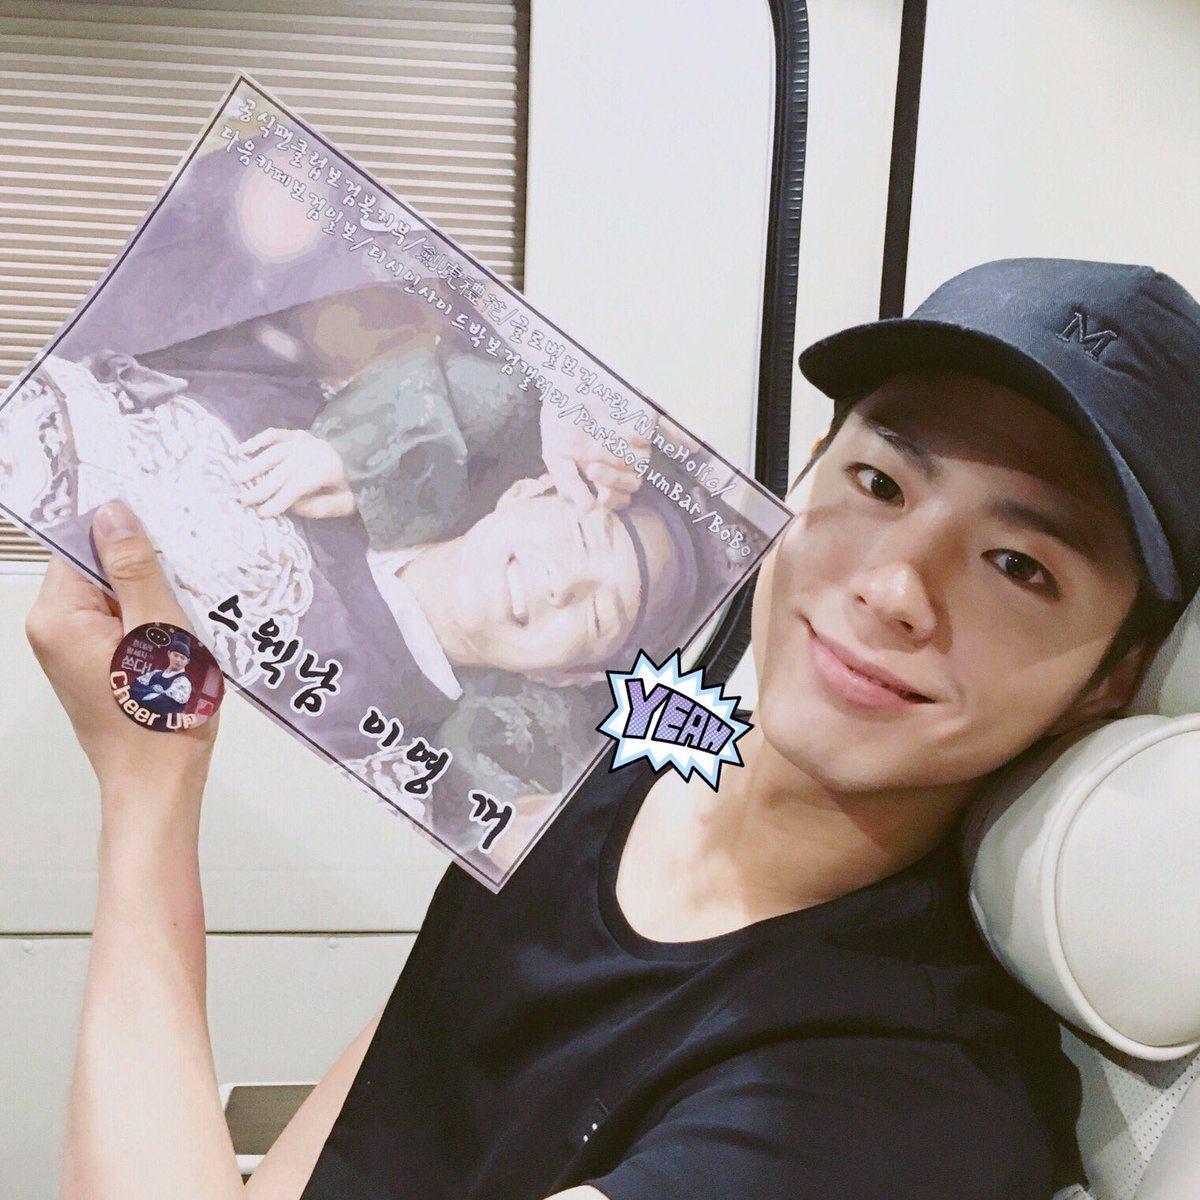 而朴寶劍在近日接受阿里郎TV《Showbiz Korea》採訪時,也說出了此次挑戰古裝劇的感想。